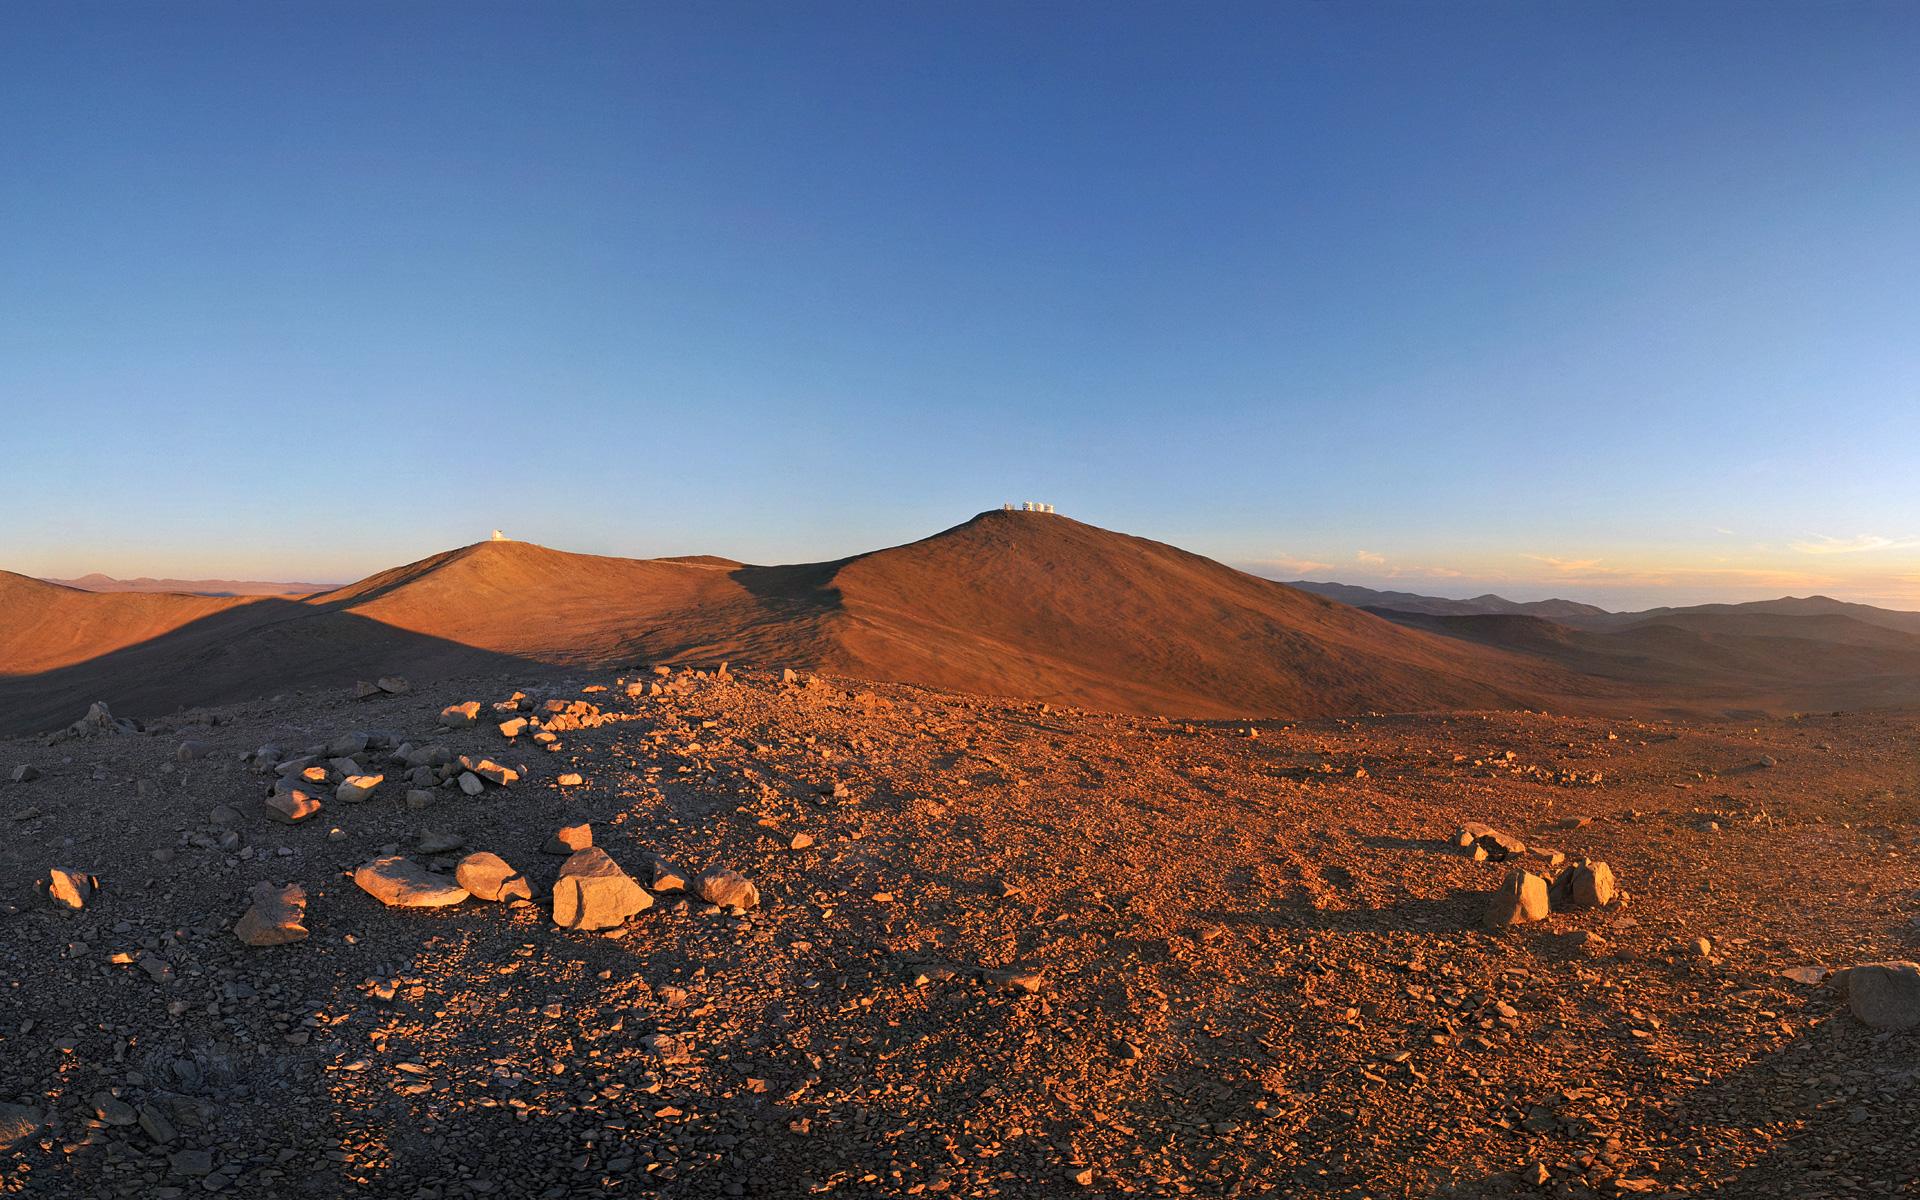 Sun,_Moon_and_Telescopes_above_the_Desert_(wallpaper).jpg